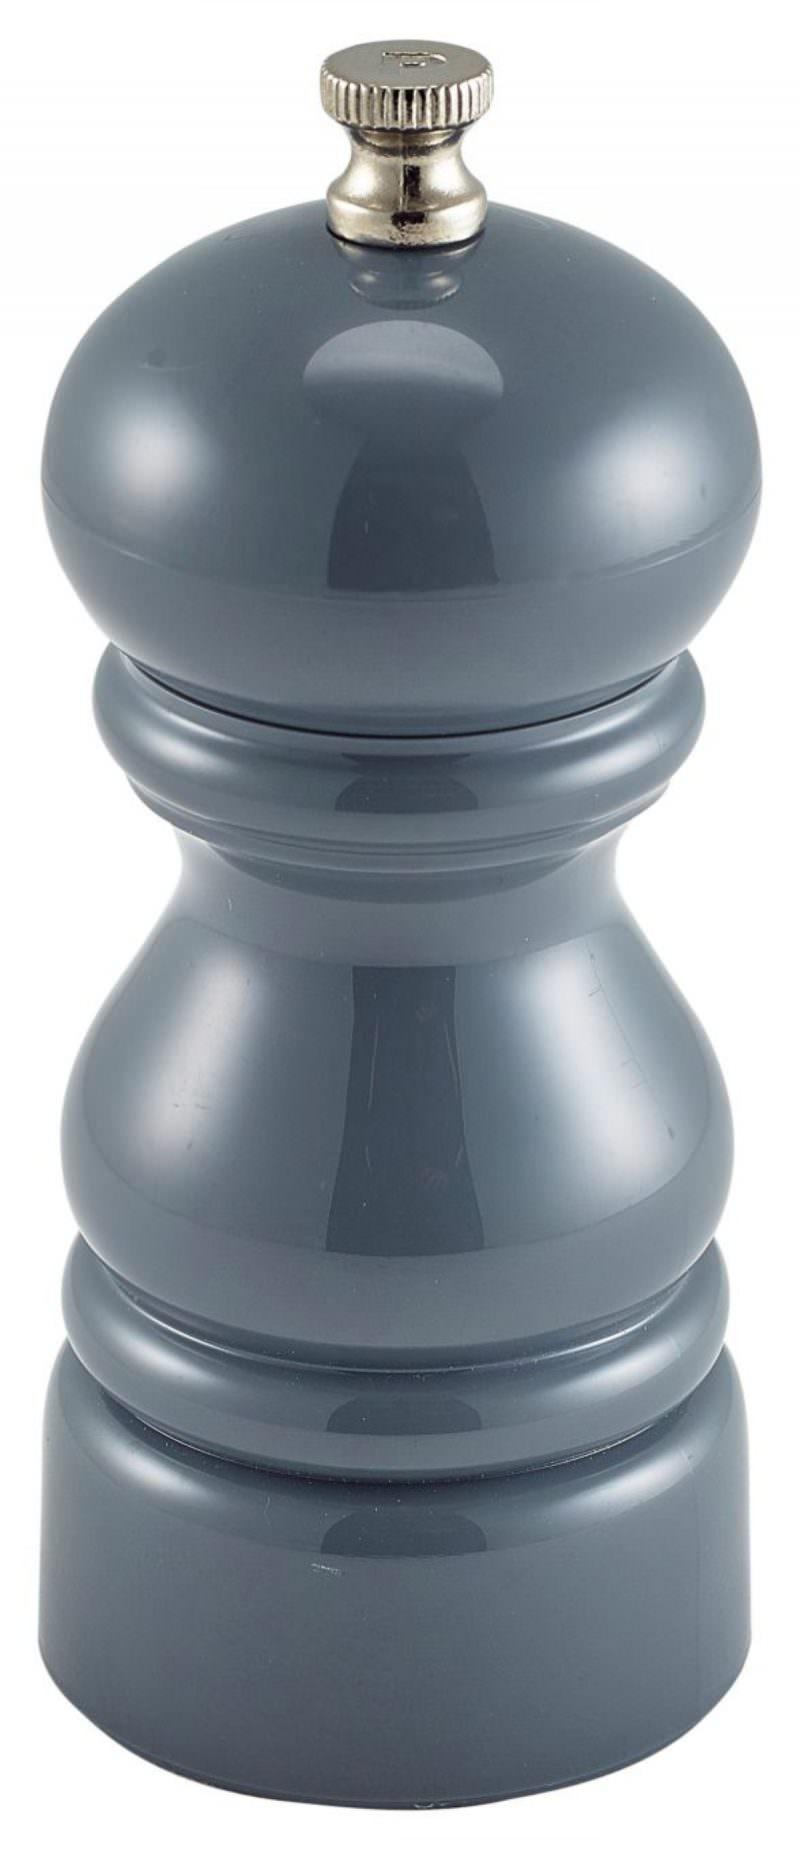 Genware Salt Or Pepper Grinder Grey 12.7cm